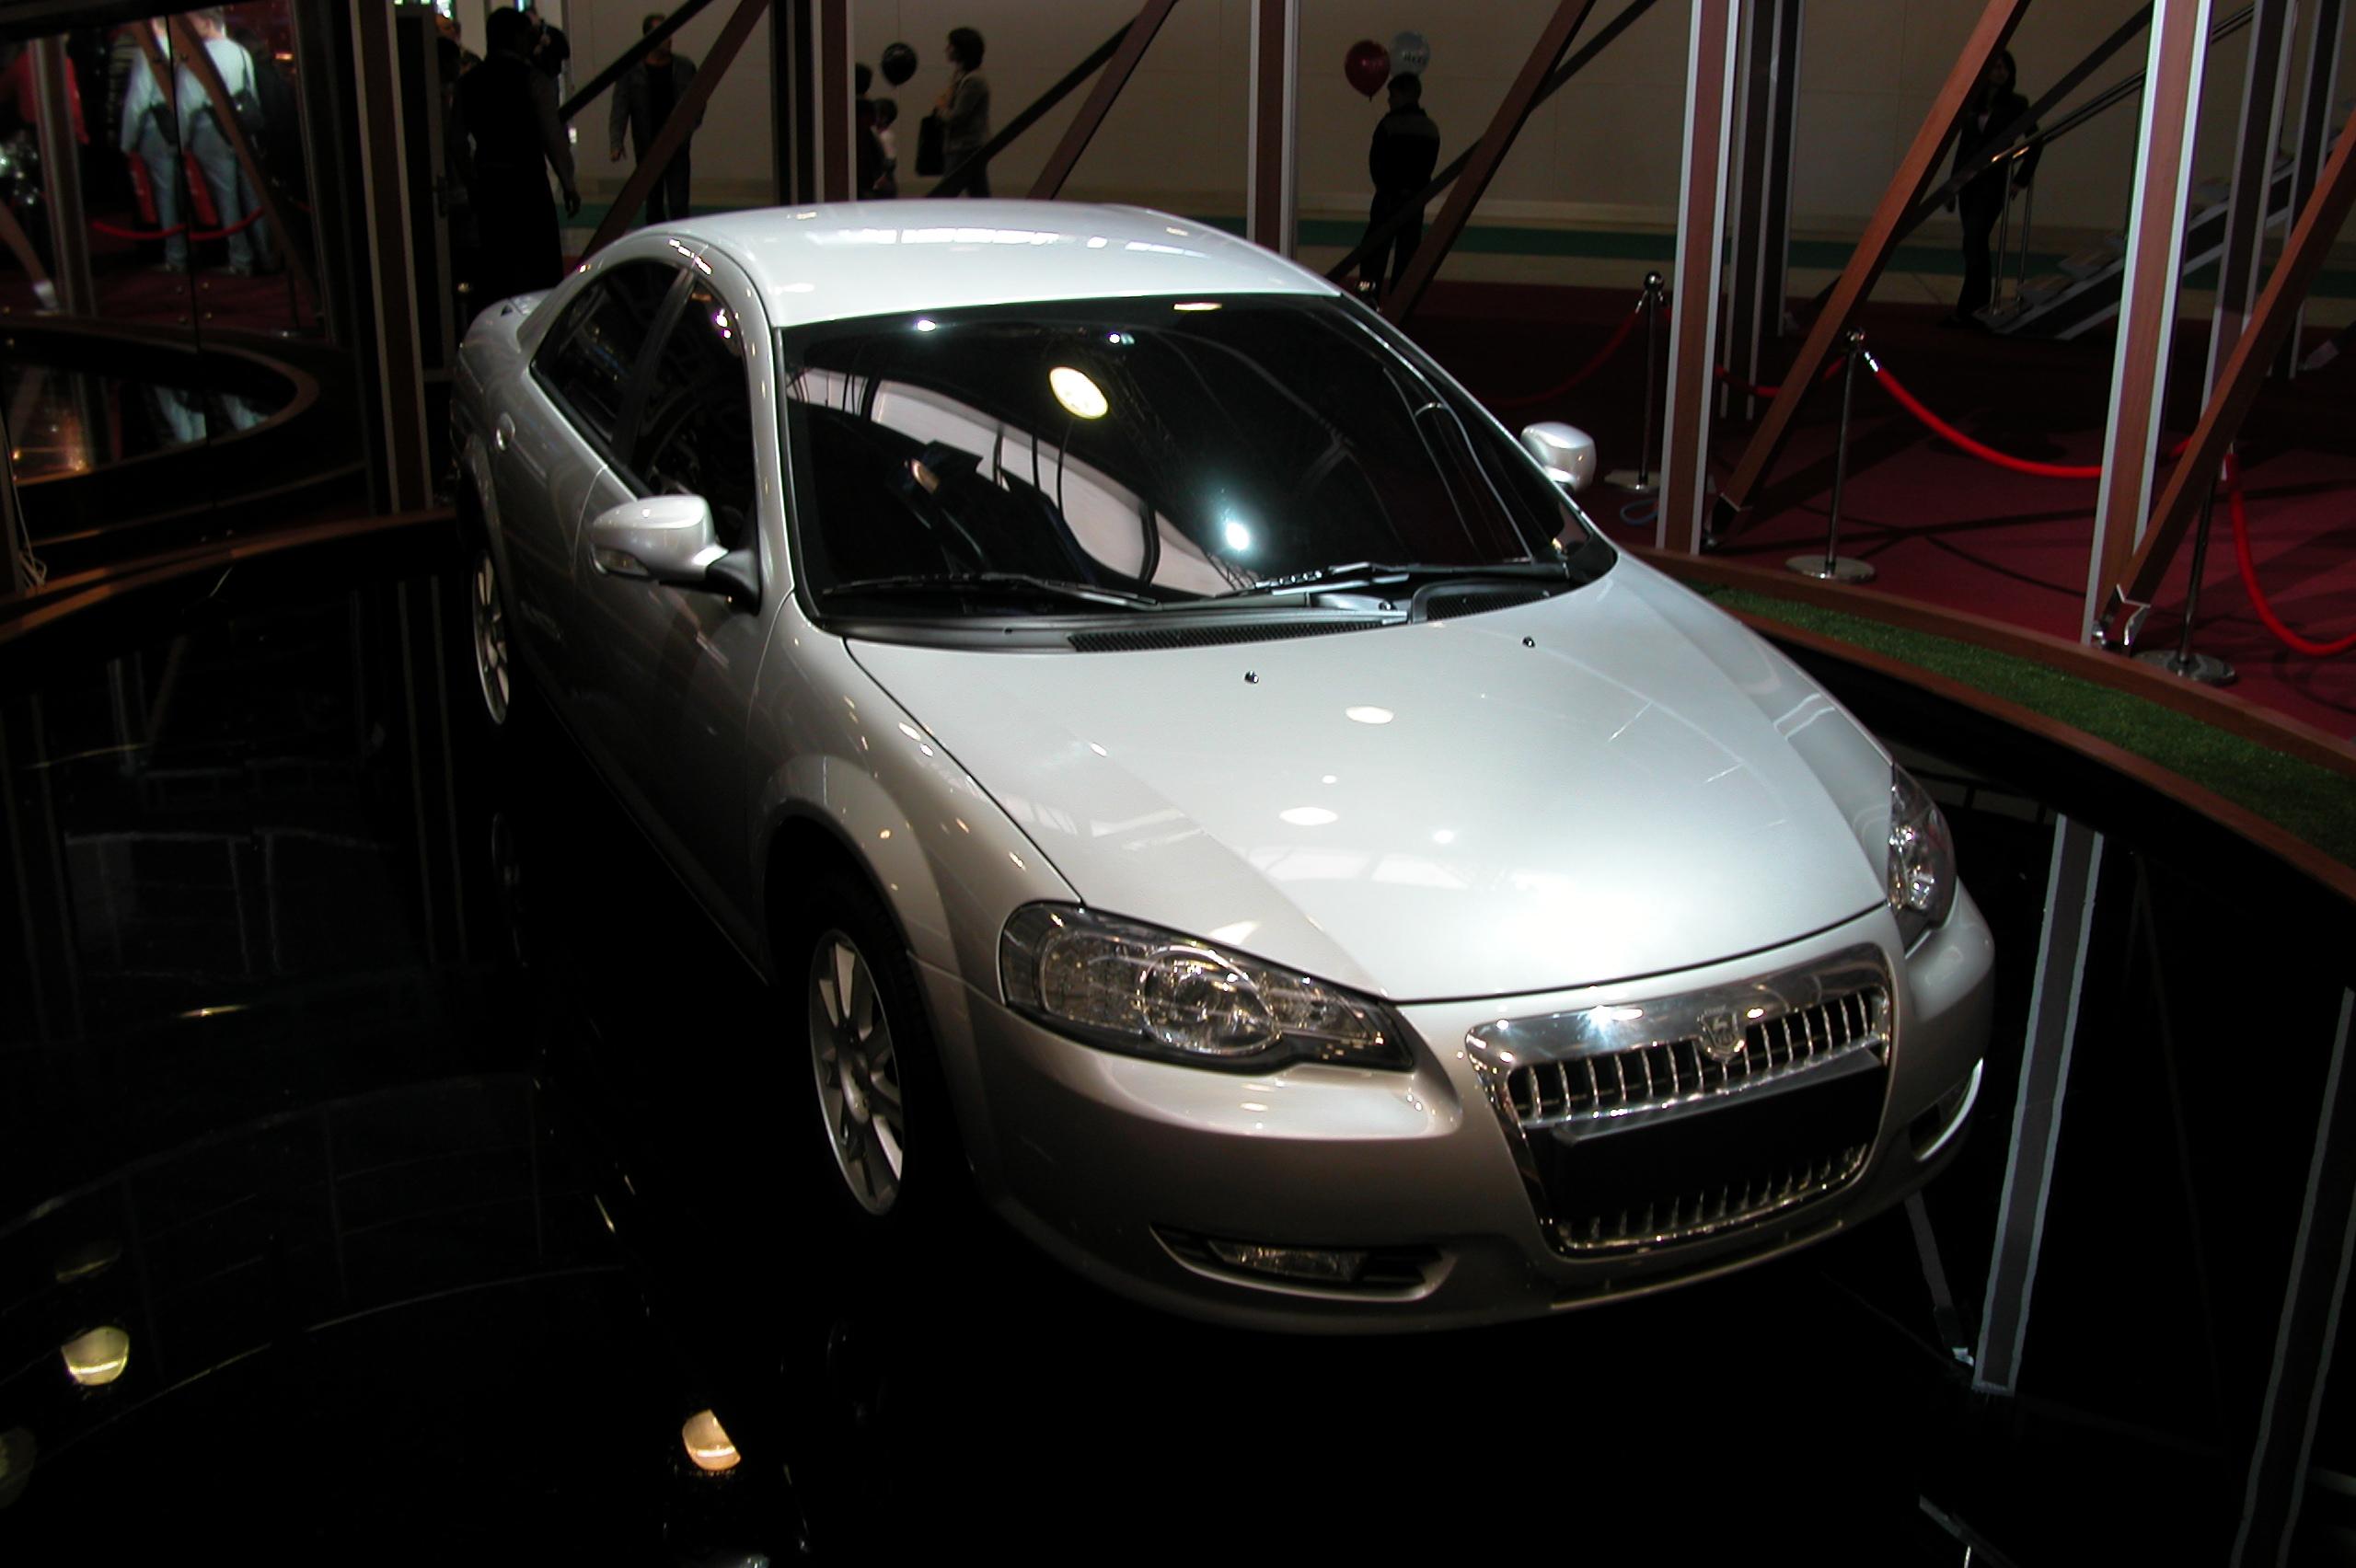 Подробнее: Новый русский автомобиль Волга SIber. Мой отзыв.